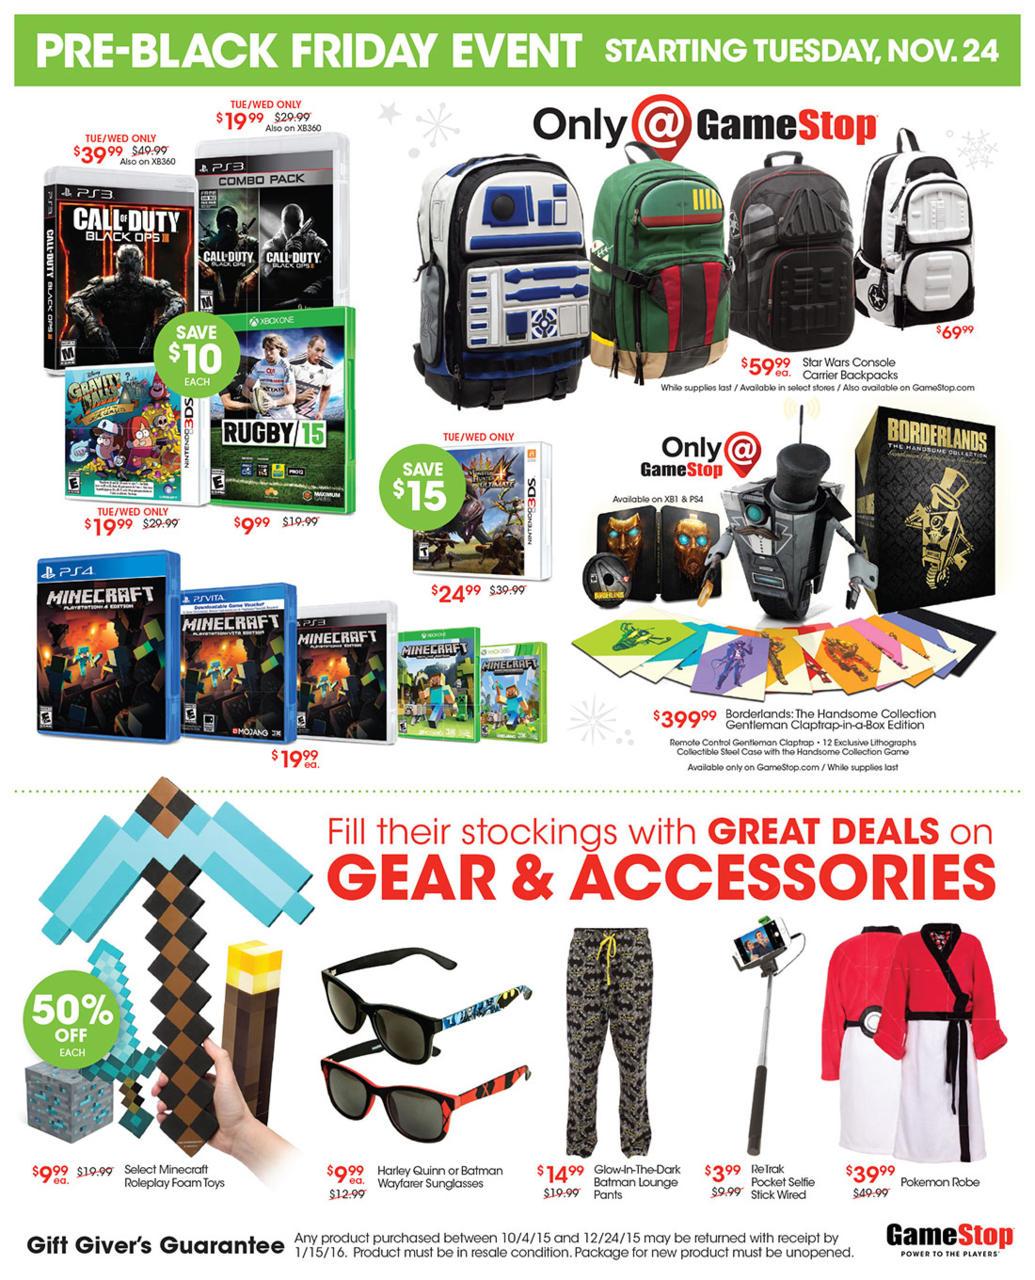 gamestop-pre-black-friday-deals-3